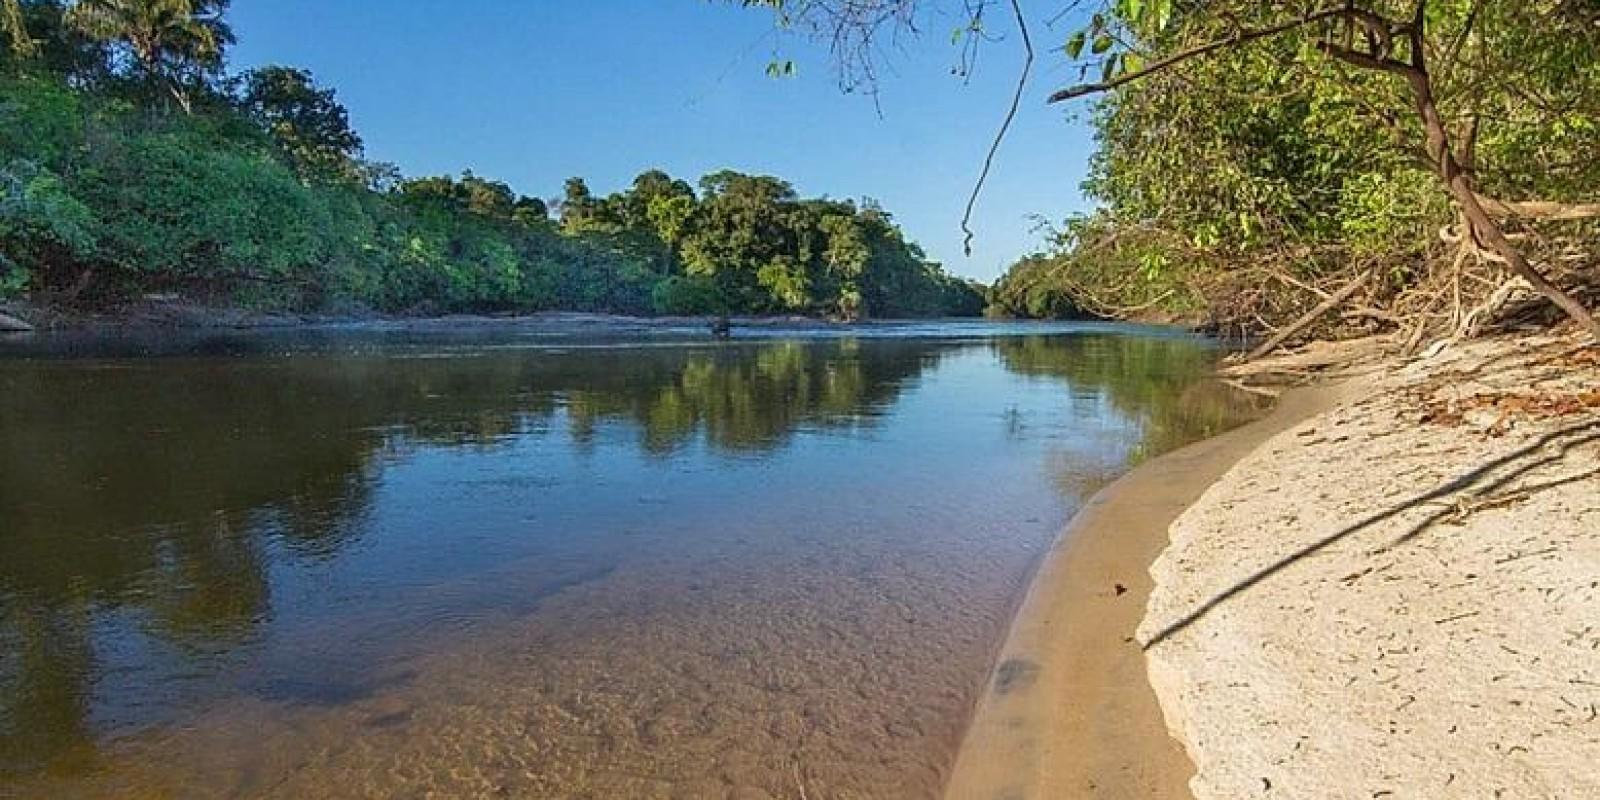 Pousada do Gian - Rio Araguaia e Cristalino - Foto 19 de 20